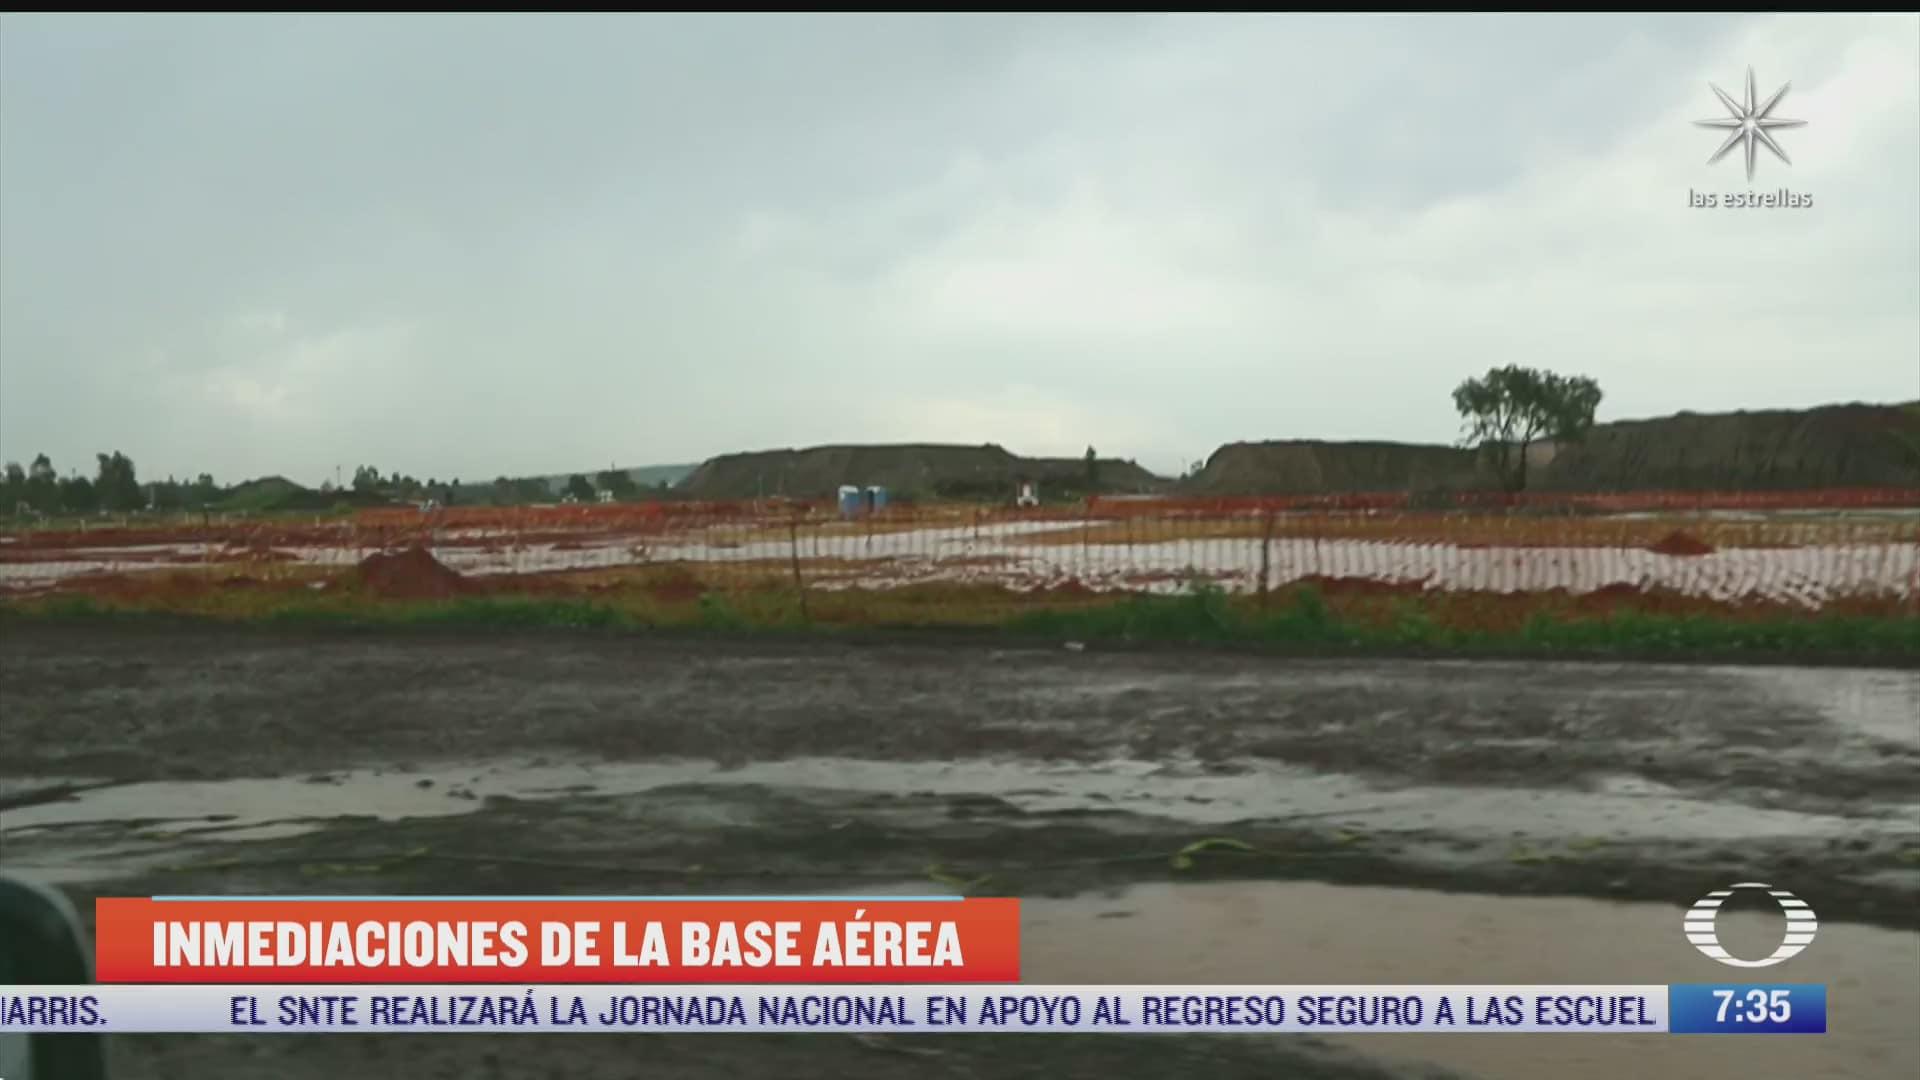 despierta visita zona donde se construye el aeropuerto felipe angeles en santa lucia